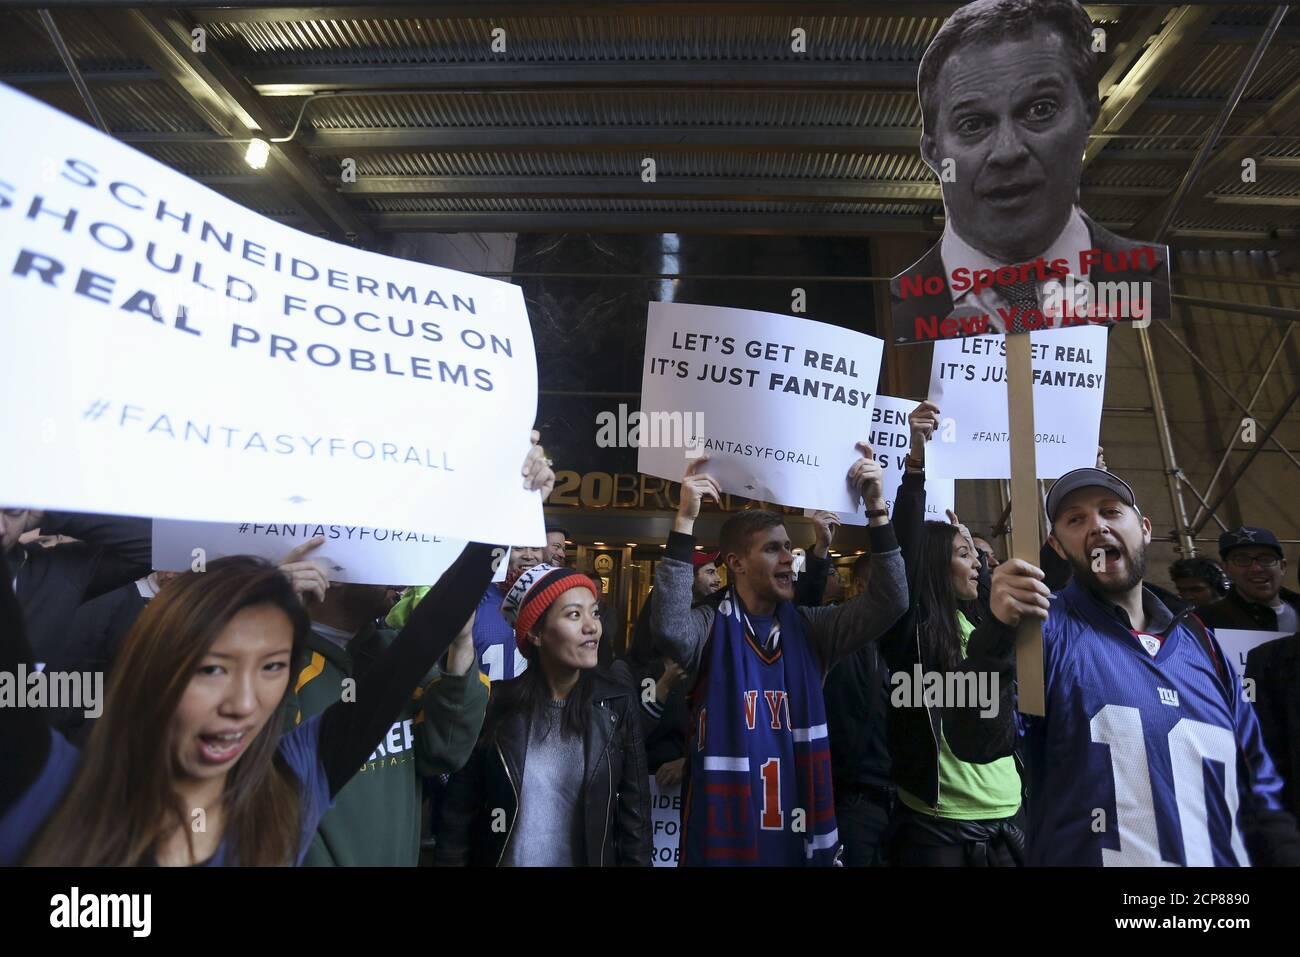 Des gens protestent devant le bureau du procureur général de New York Eric Schneiderman à la suite de sa décision de fermer les sites sportifs de fantaisie FanDuel et ReferrKings, dans le quartier de Manhattan à New York le 13 novembre 2015. REUTERS/Carlo Allegri Banque D'Images